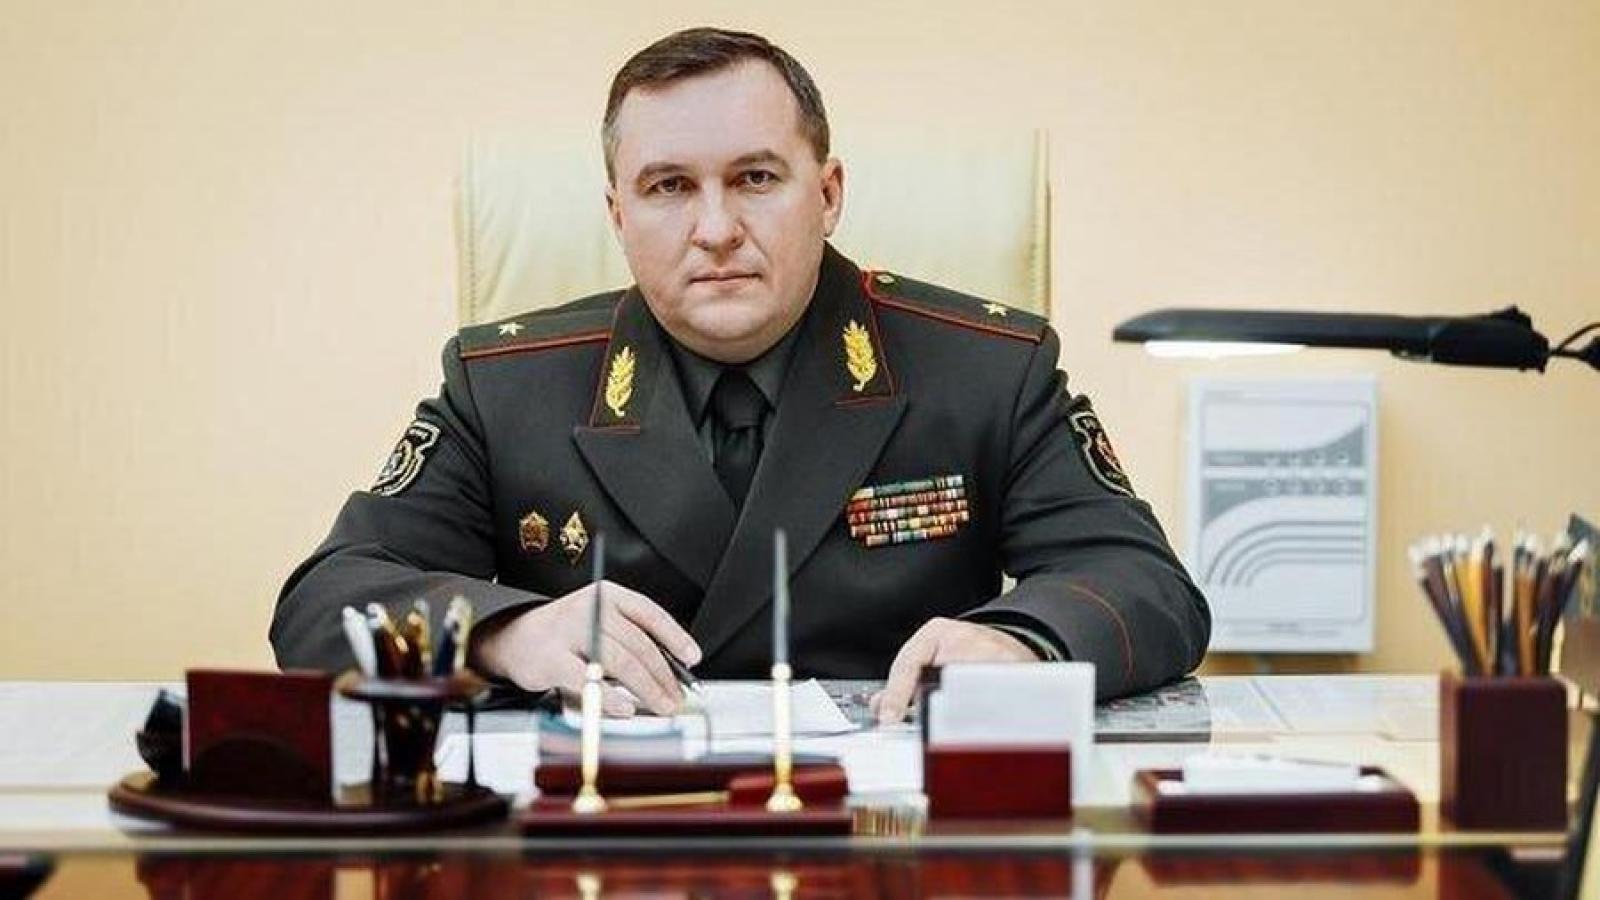 Bộ Quốc phòng Belarus sẵn sàng cùng Nga ứng phó với mọi mối đe dọa